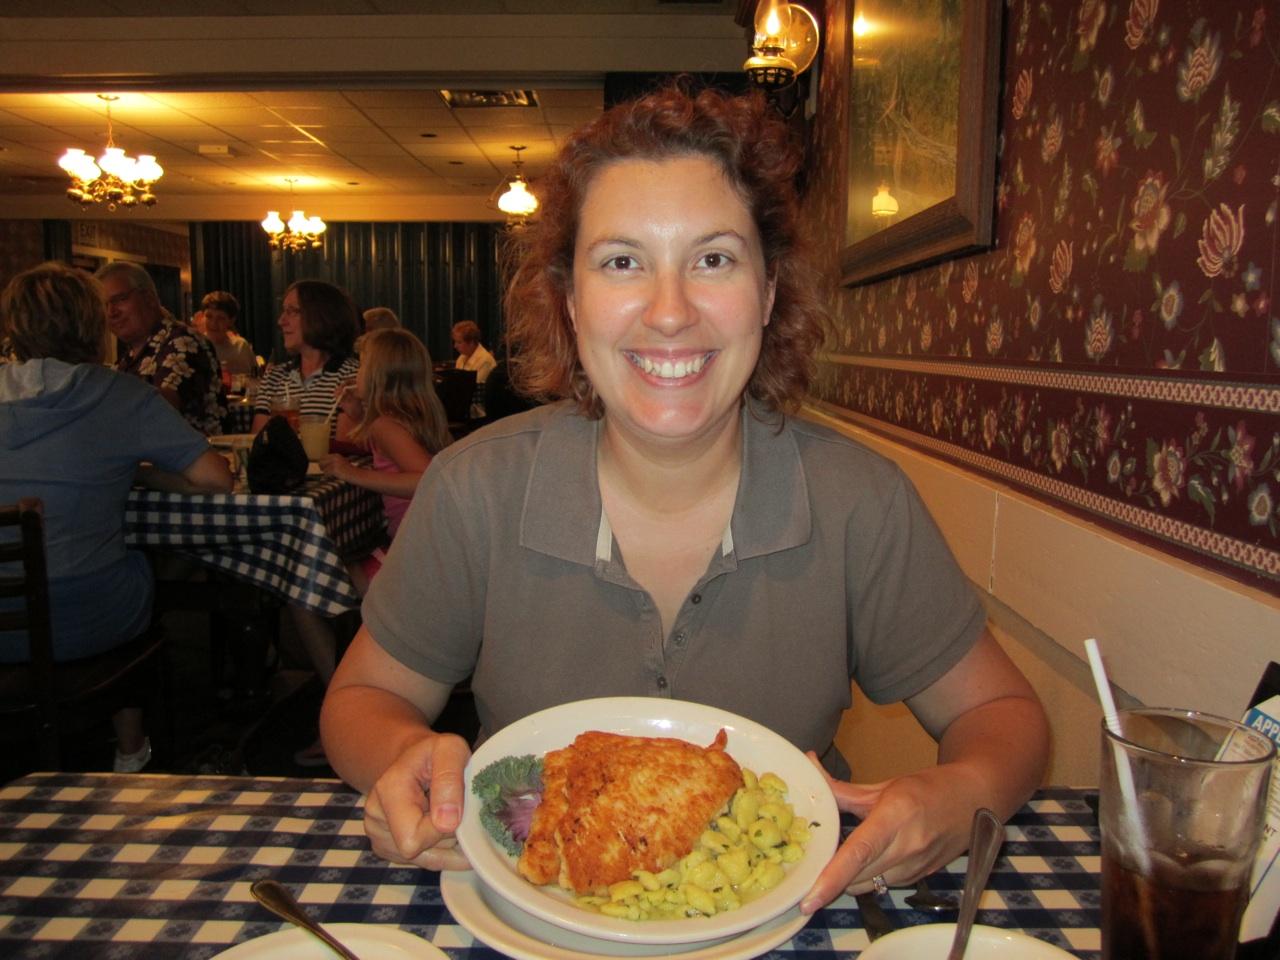 Brenda Having Chicken Schnitzel At The Ox Yoke Restaurant.